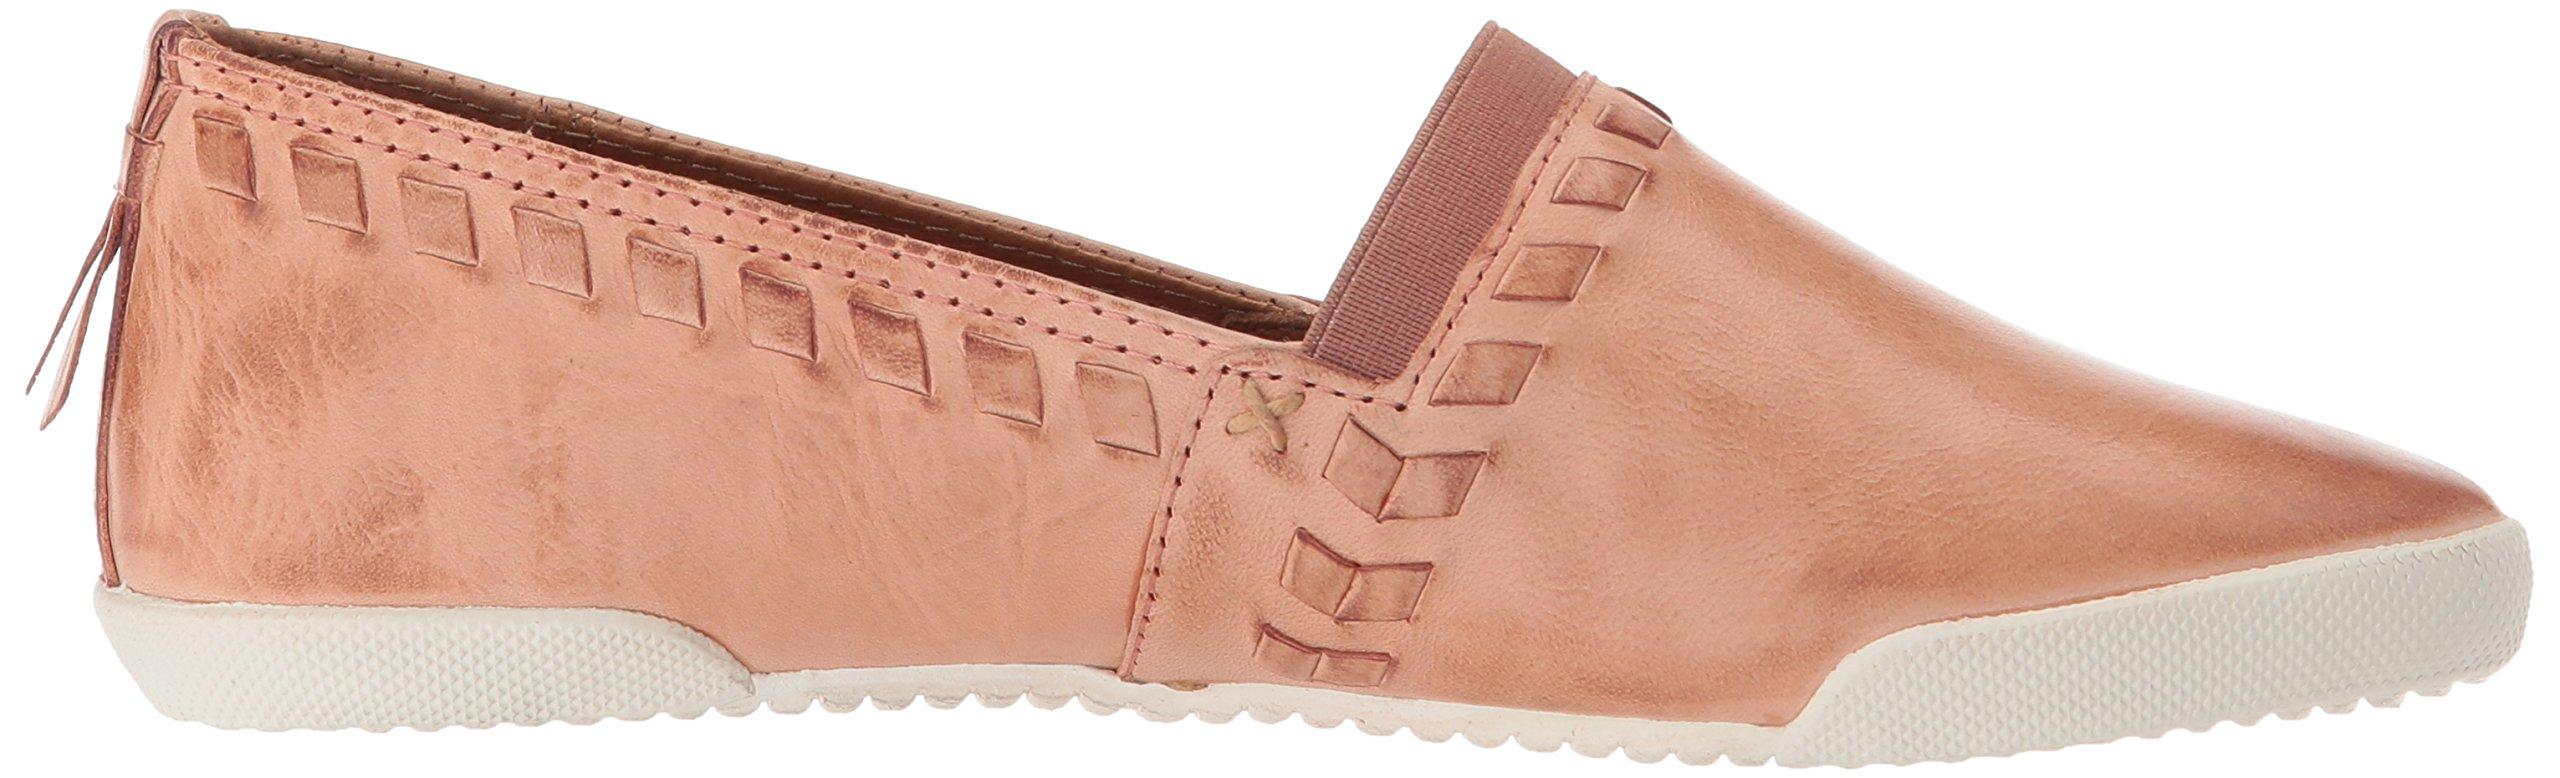 Frye Women's Melanie Whip Slip on Sneaker